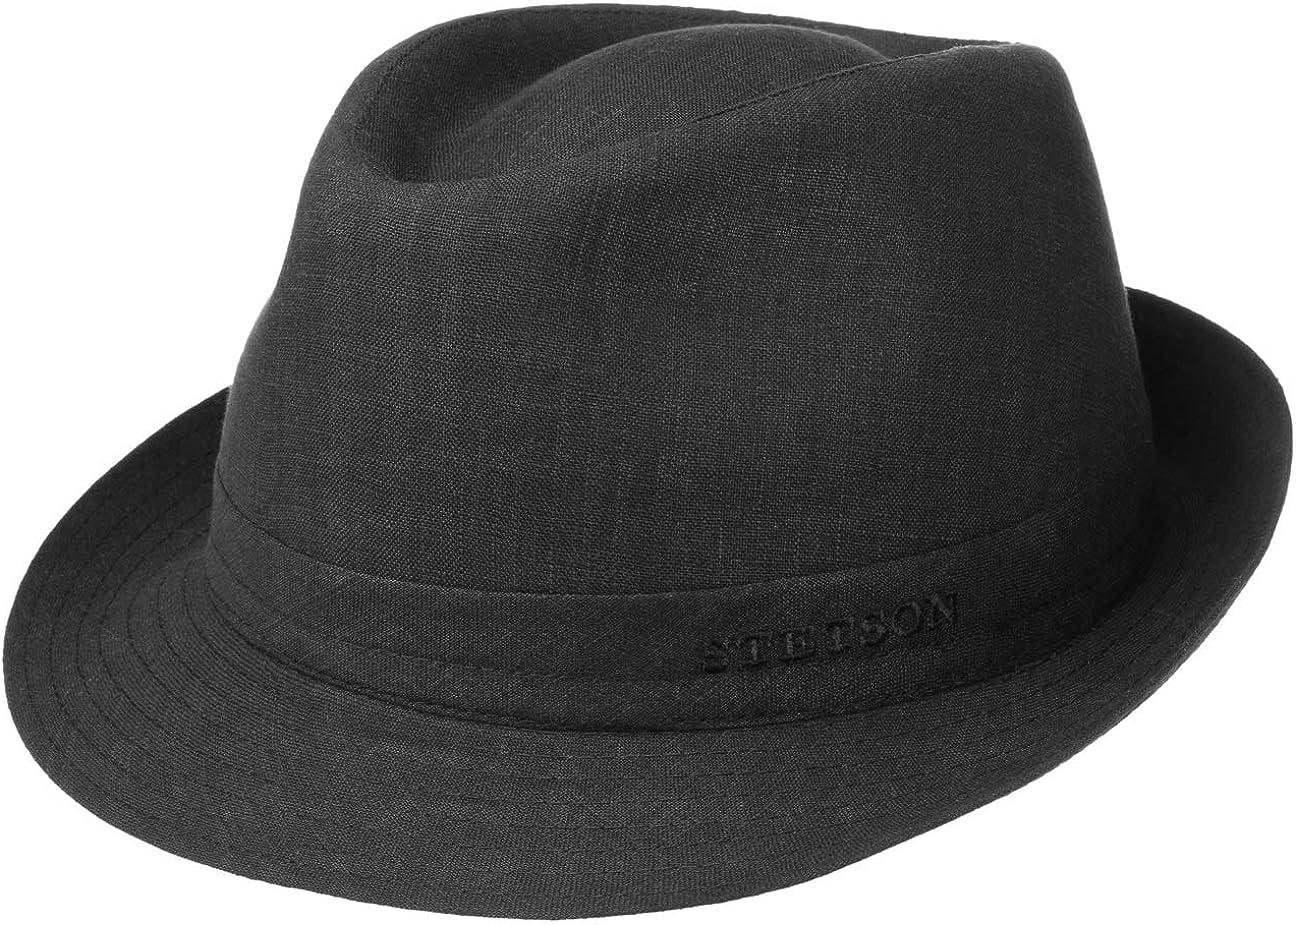 Stetson Trilby de Lino Geneva Mujer/Hombre - Made in Italy Sombrero Tela Verano Sol con Forro Primavera/Verano